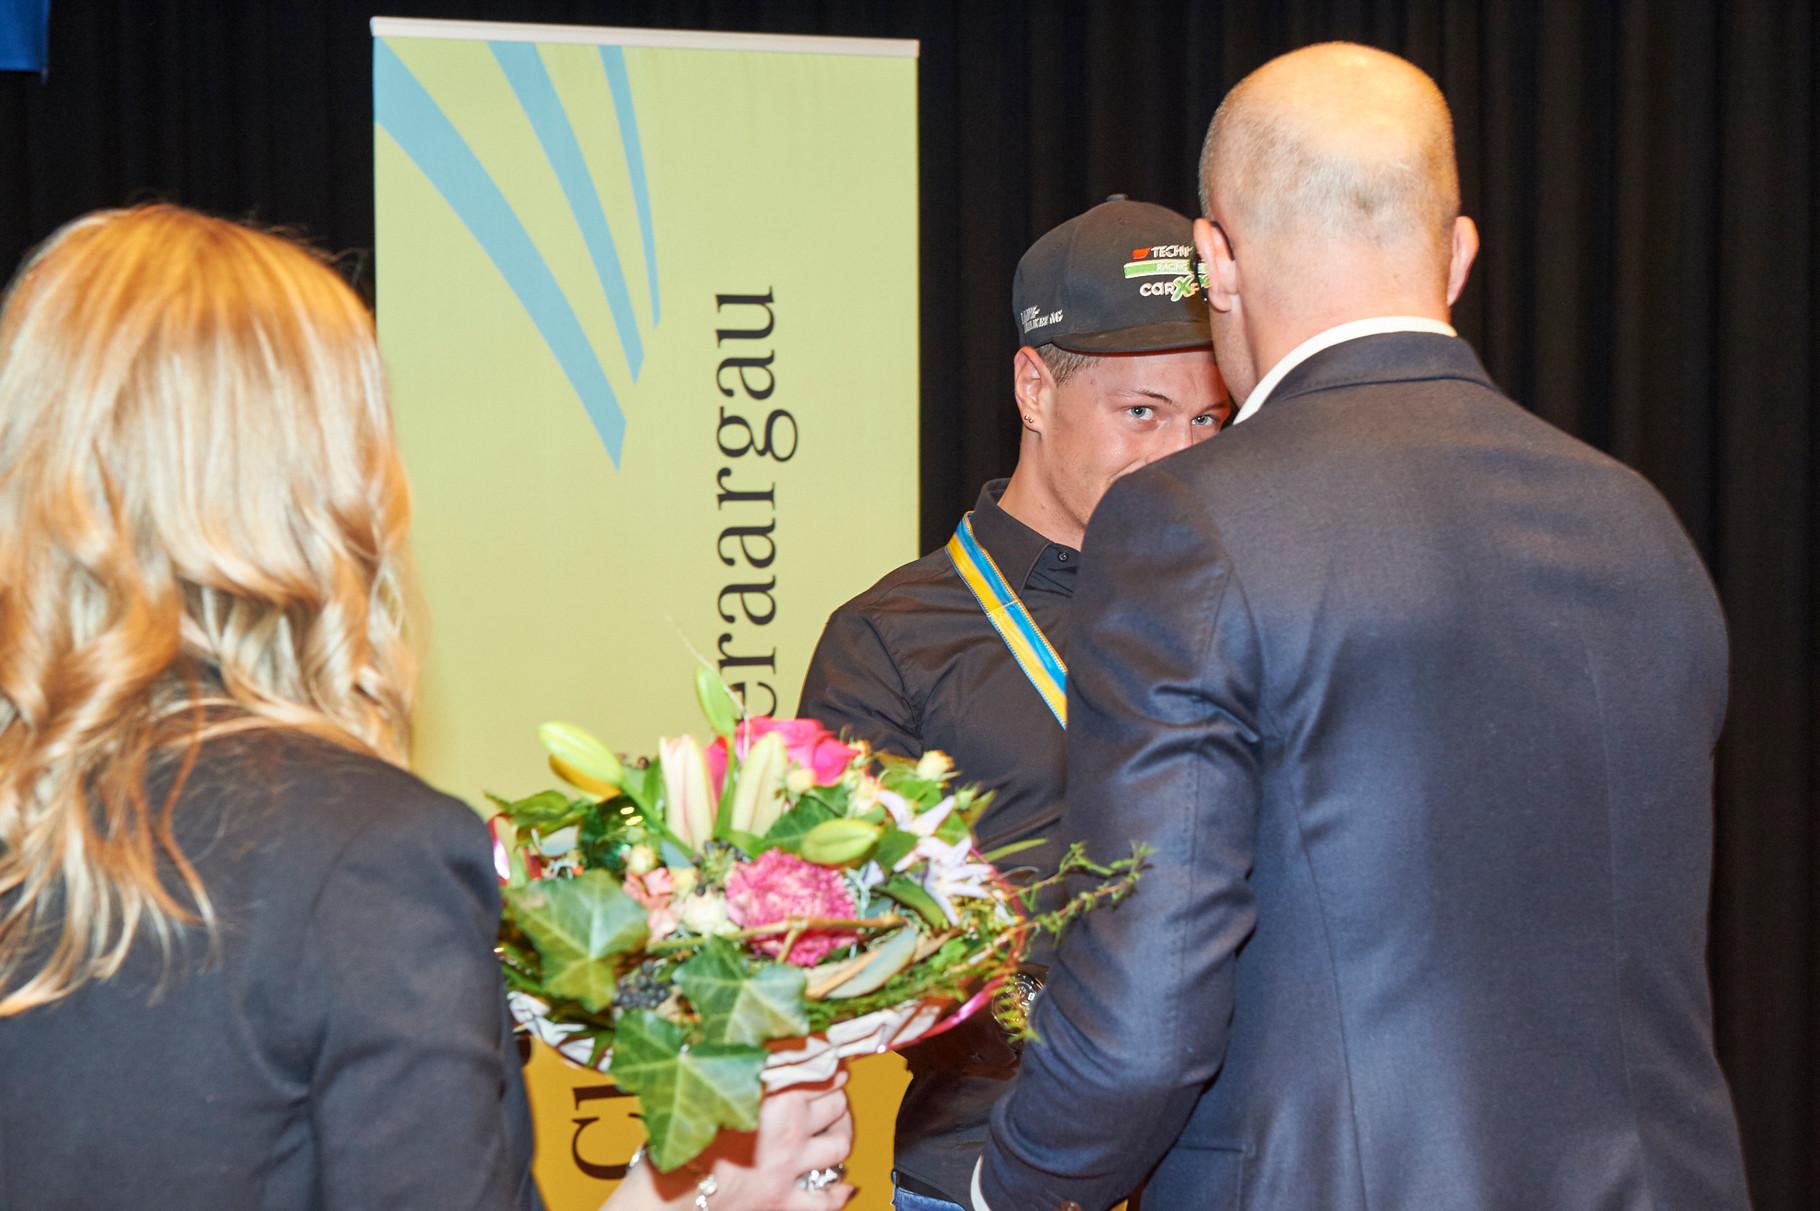 Do-Club Vorstandsmitglied M.Leu übergibt die Preise